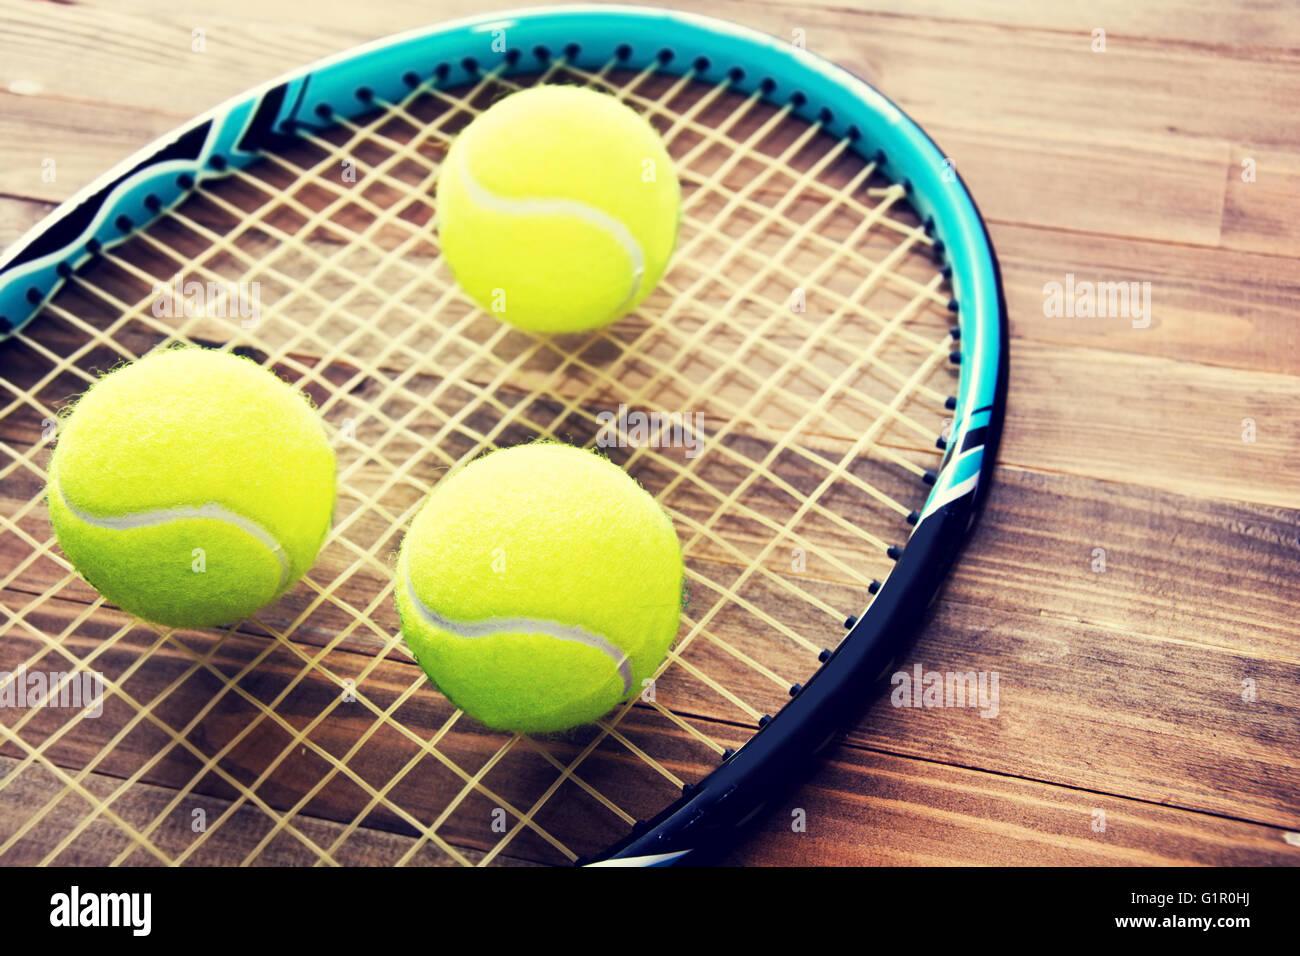 Juego de tenis. Pelota de Tenis sobre fondo de madera. Vintage retro de imagen. Imagen De Stock